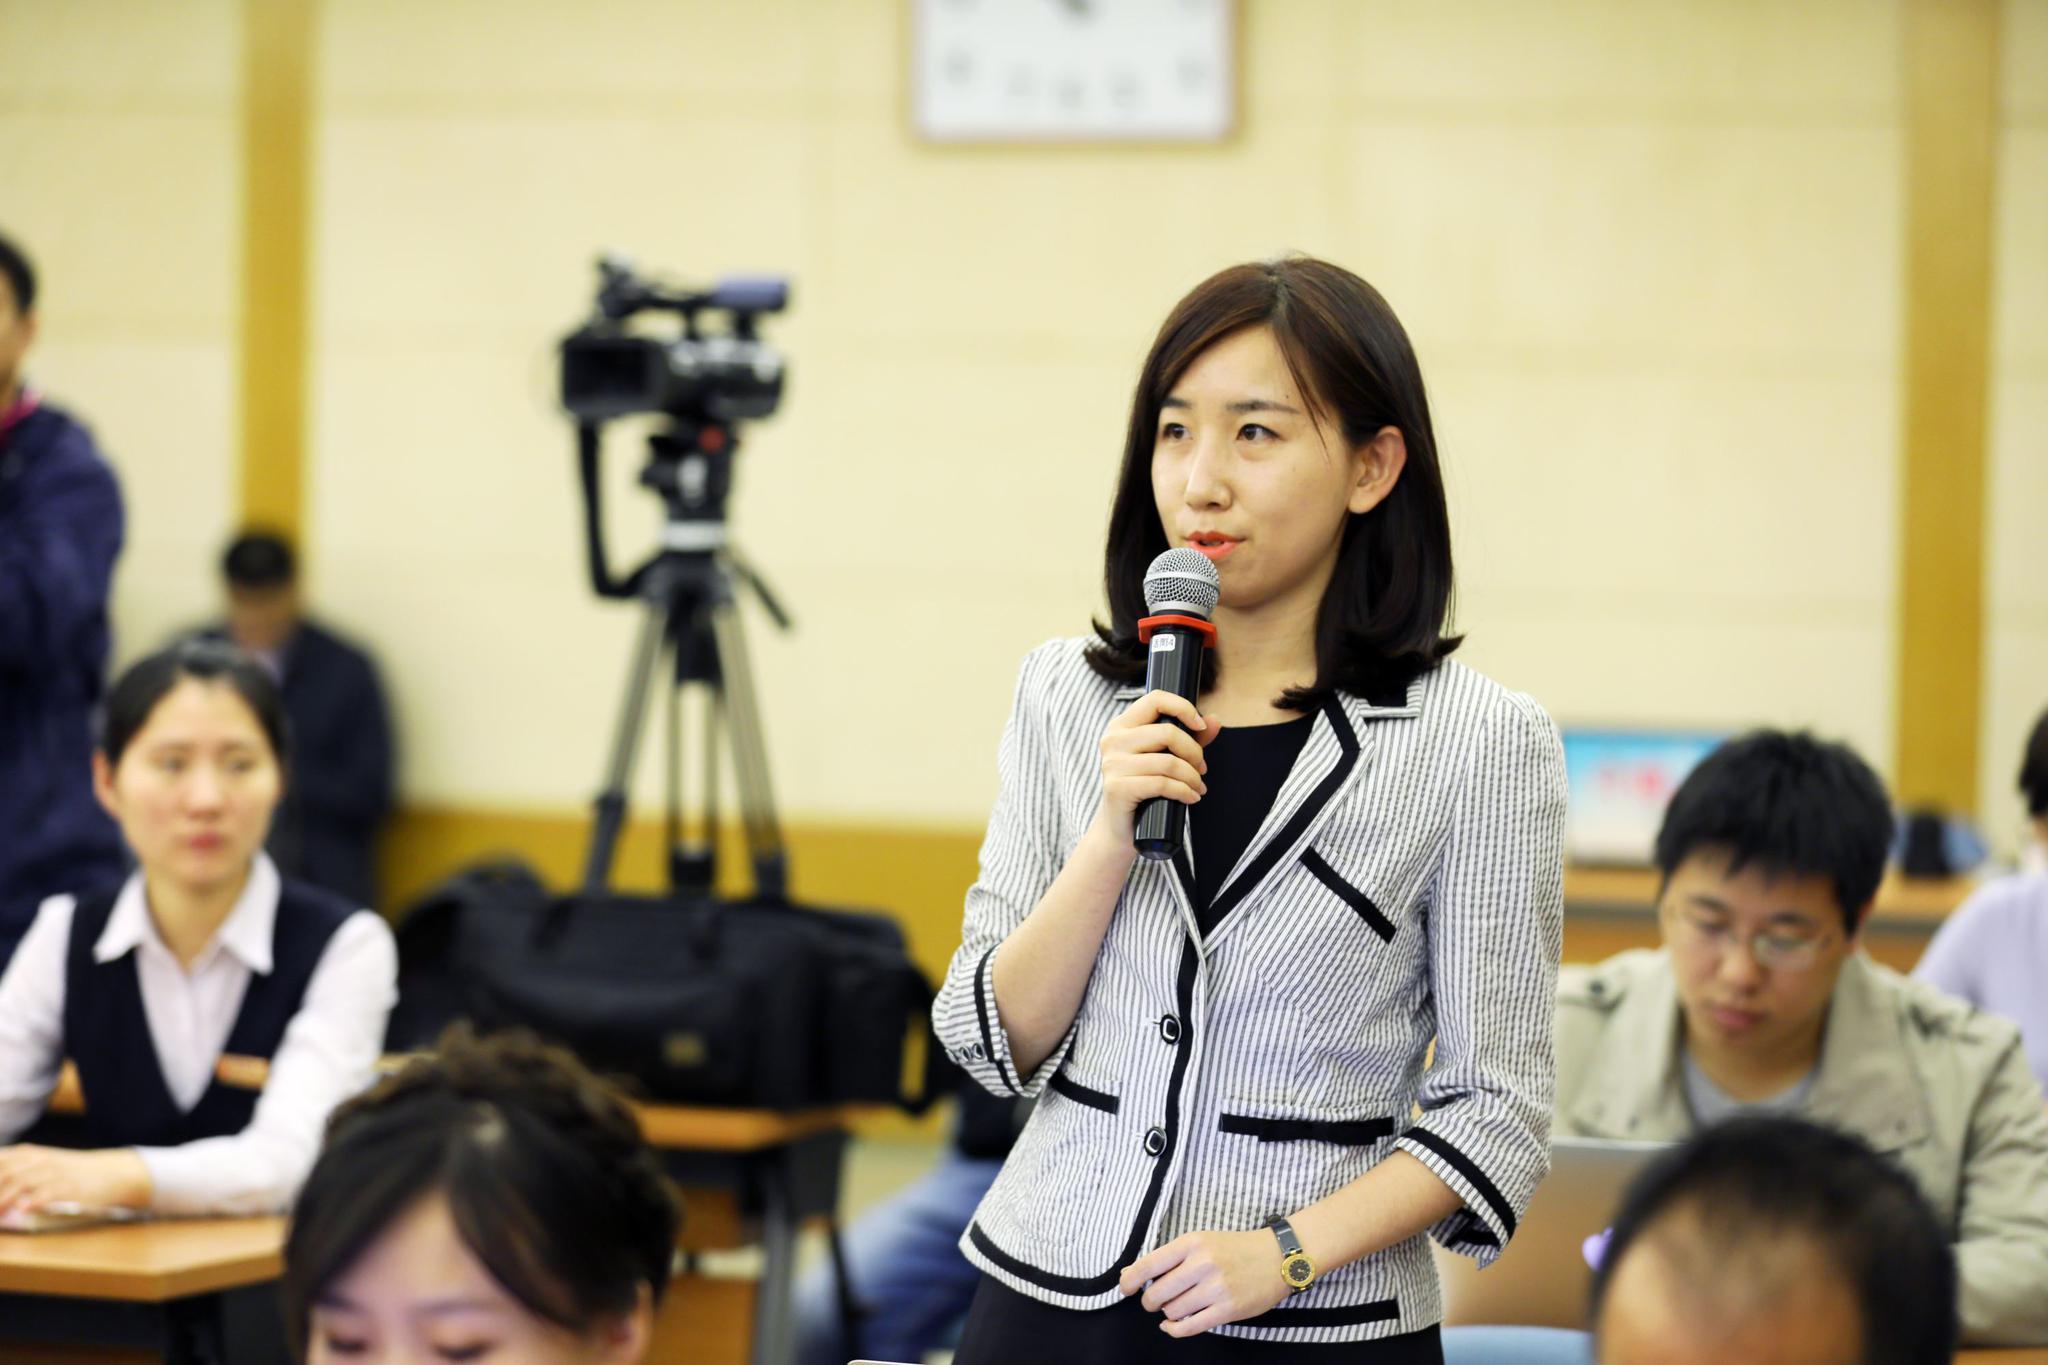 第一财经记者董鑫提问